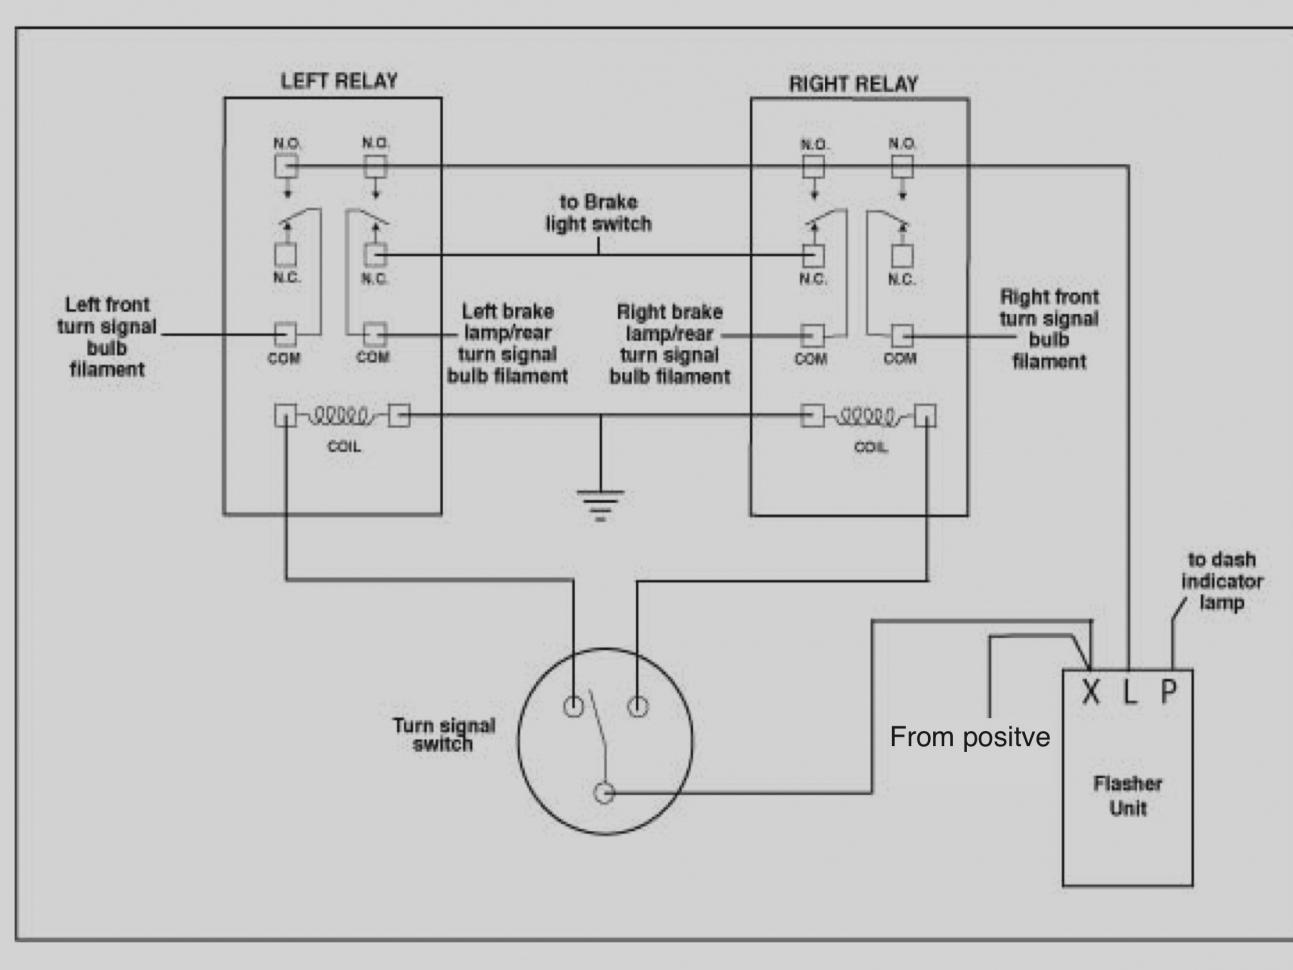 2013 Polaris Ranger 900 Light Bar Wiring Diagram | WIRING